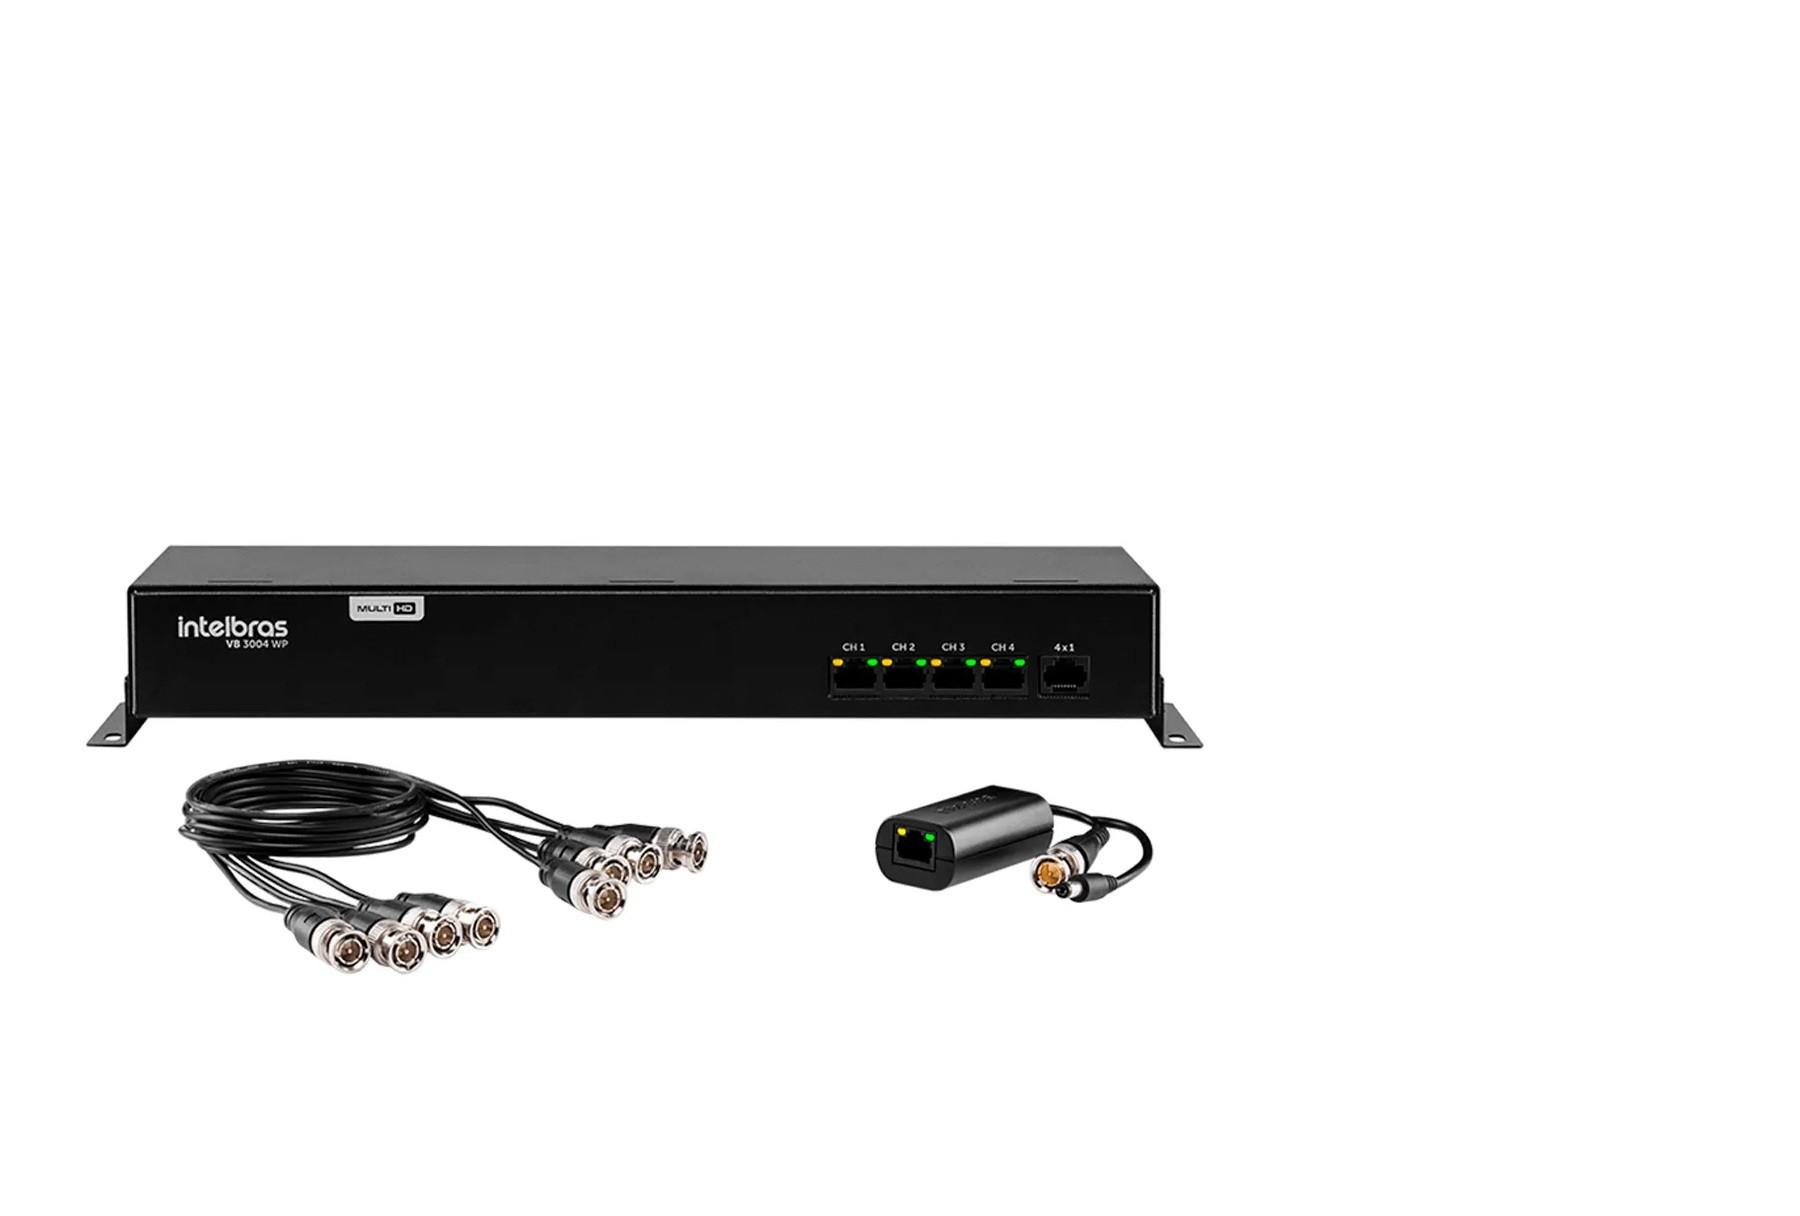 Power Balun de 4 Canais Intelbras VB 3004 WP - Resolução 4k, Vídeo e Alimentação via Cabo UTP.